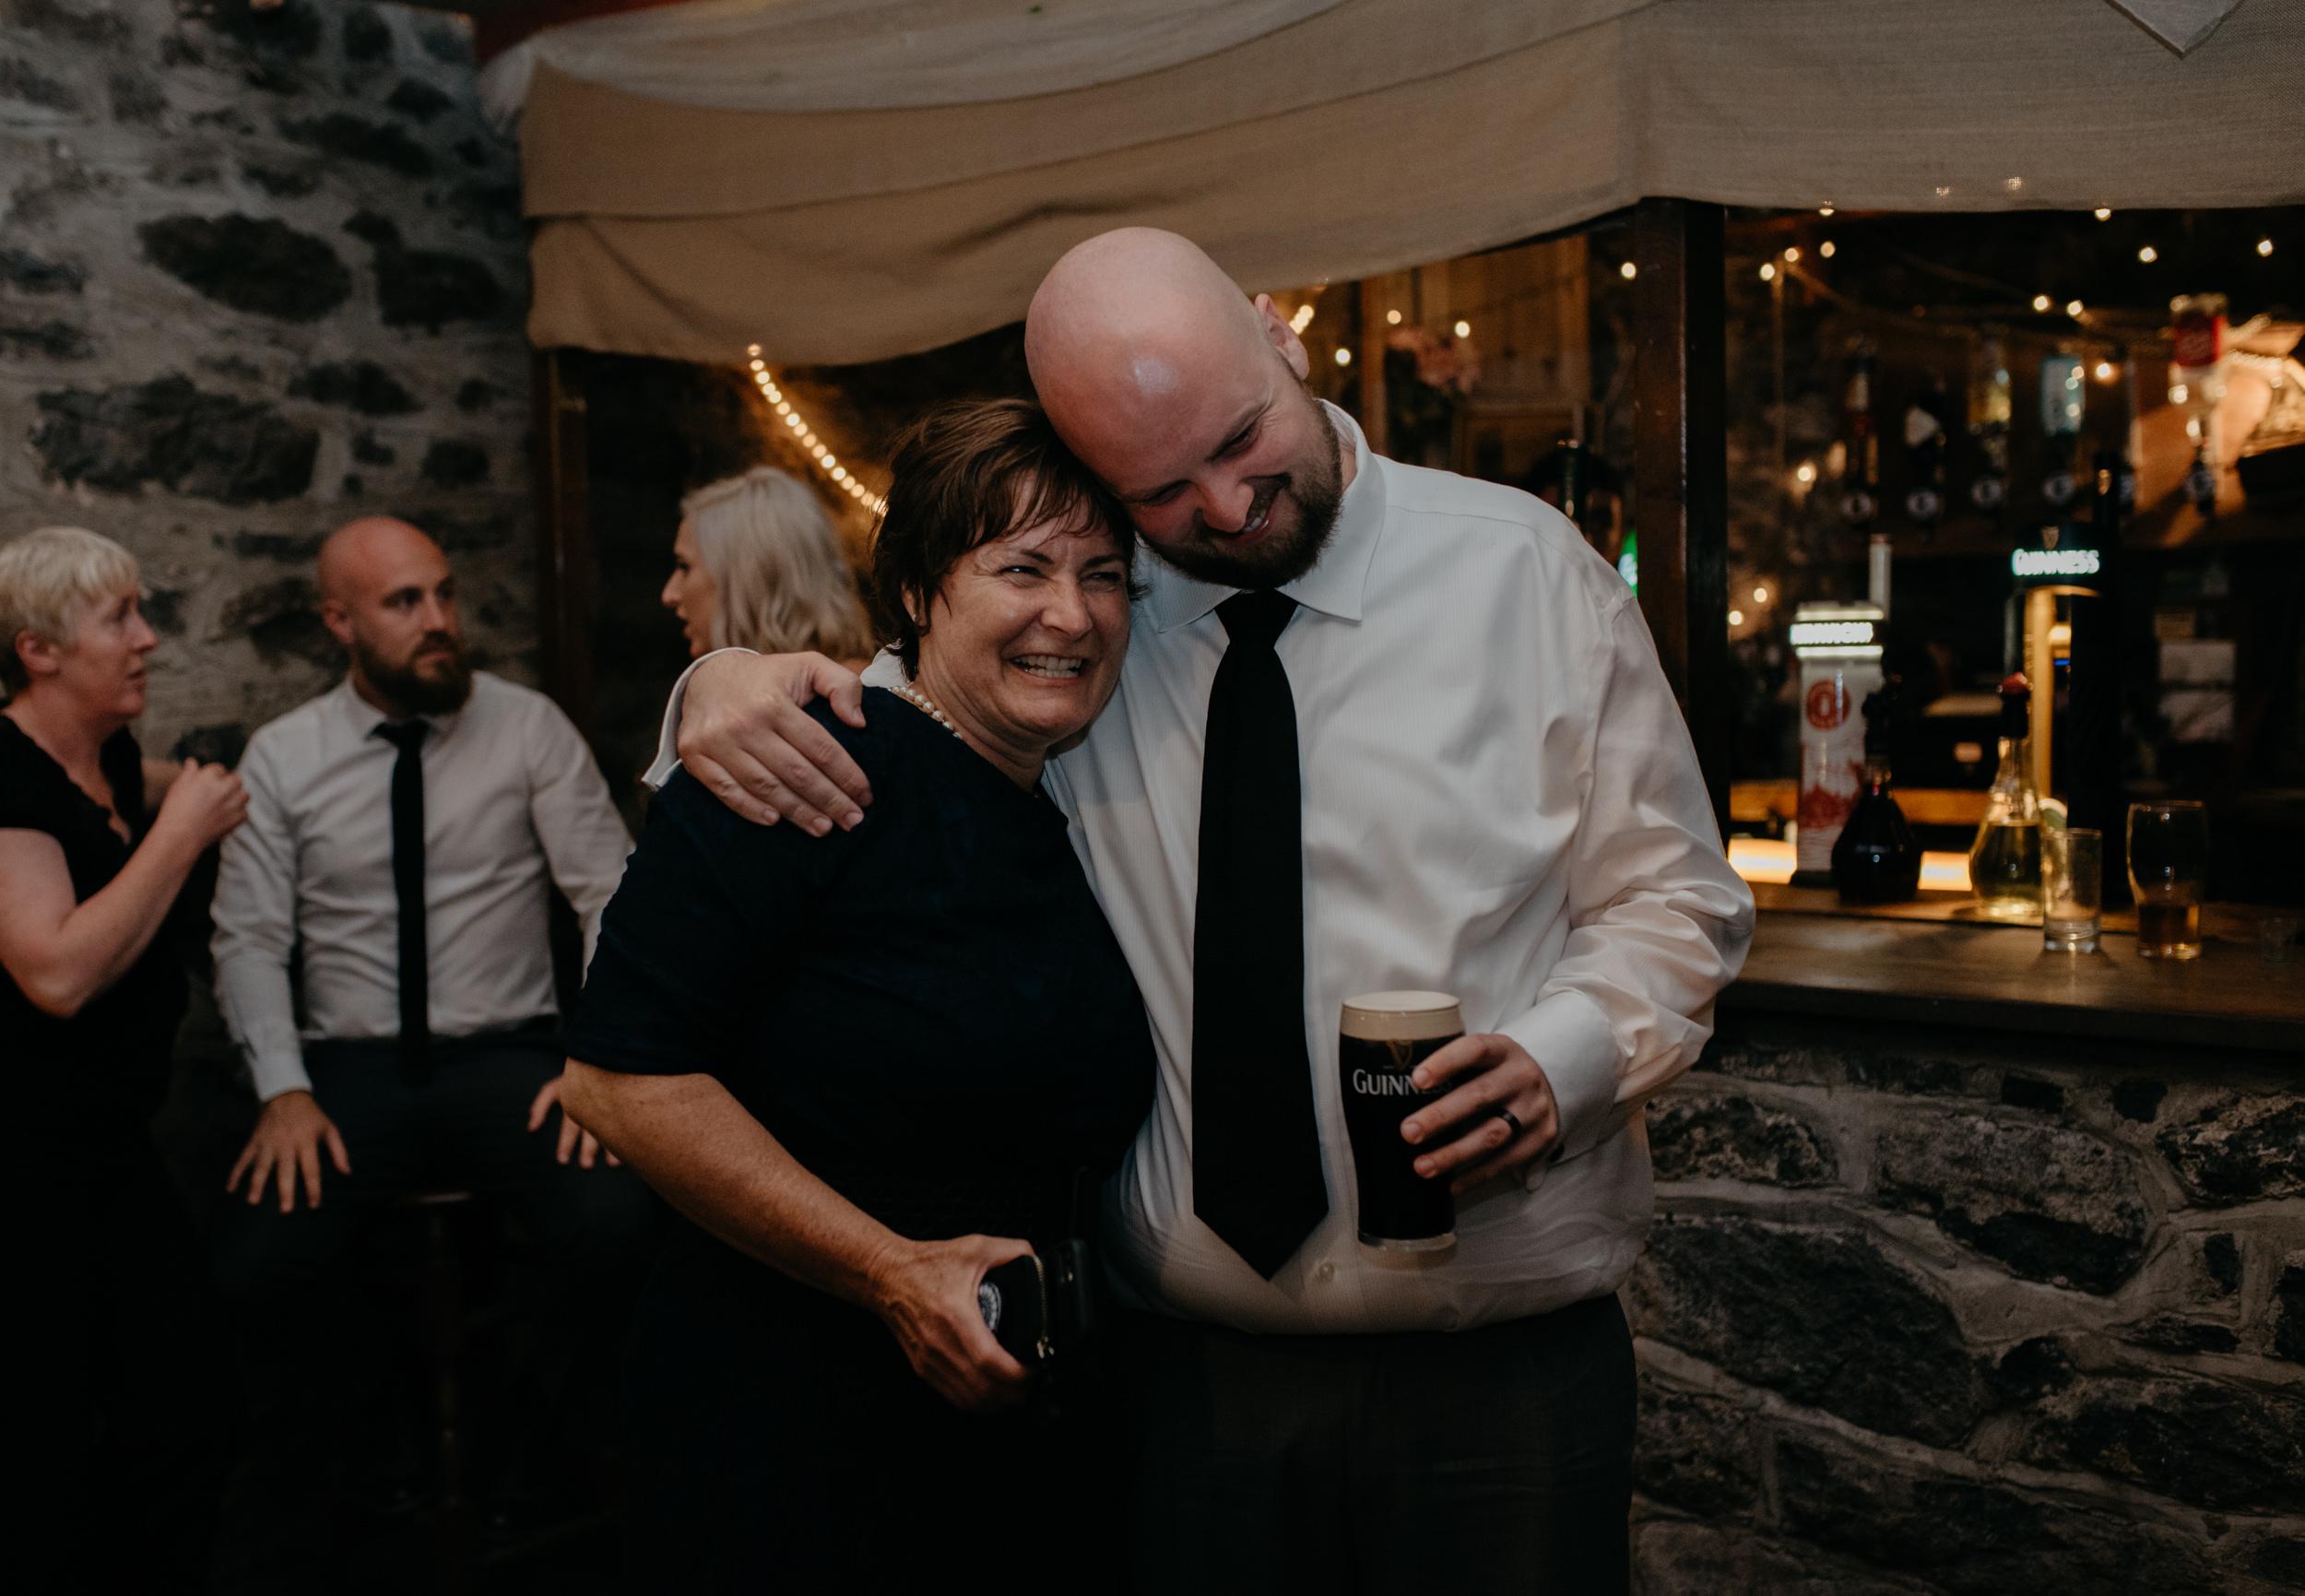 Vaughan's Pub wedding reception in County Clare, Ireland.